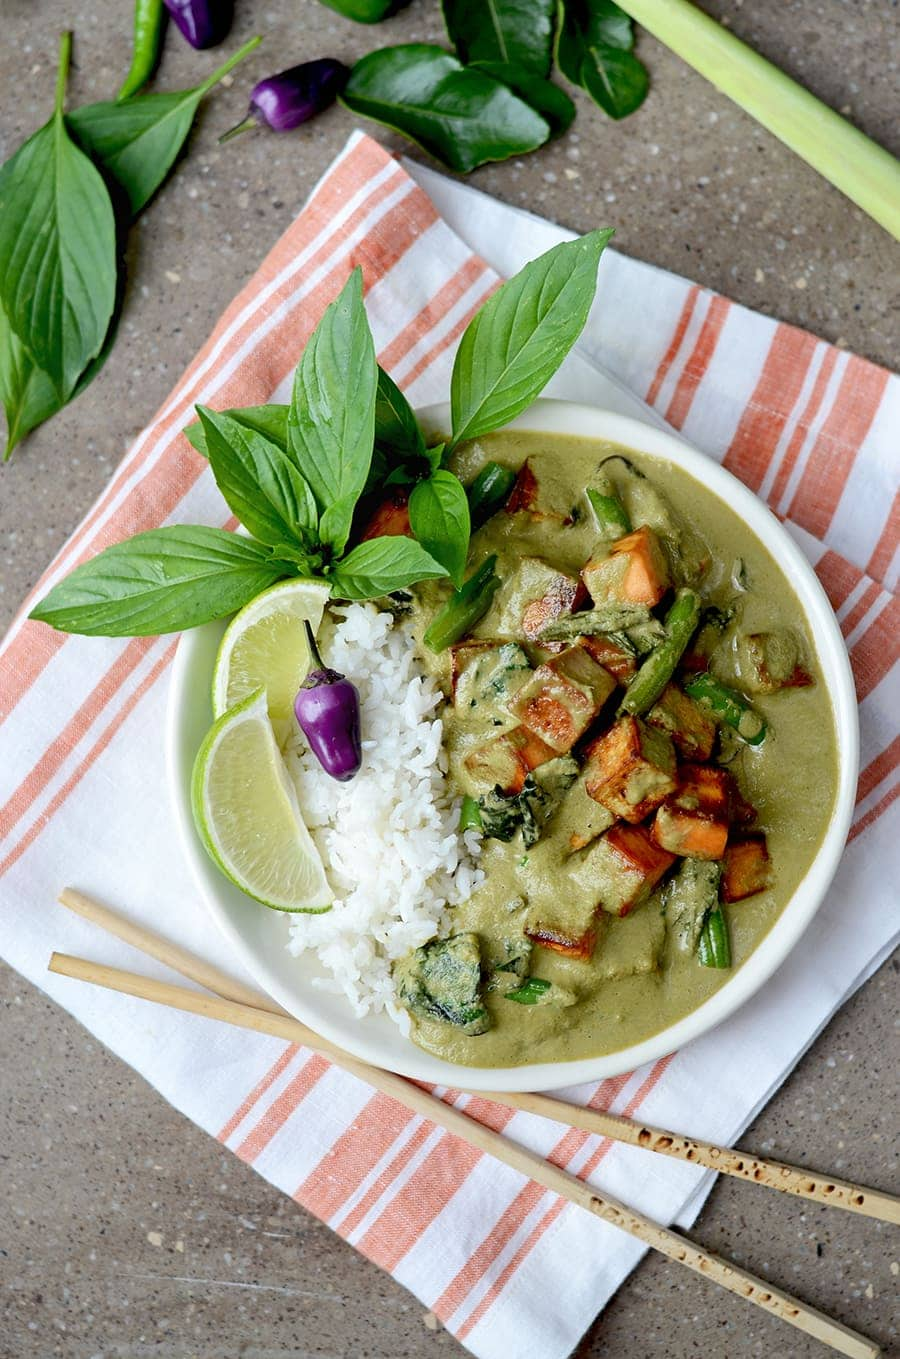 Thrive at Five Meal Plan Week 26 - Kleinworth & Co